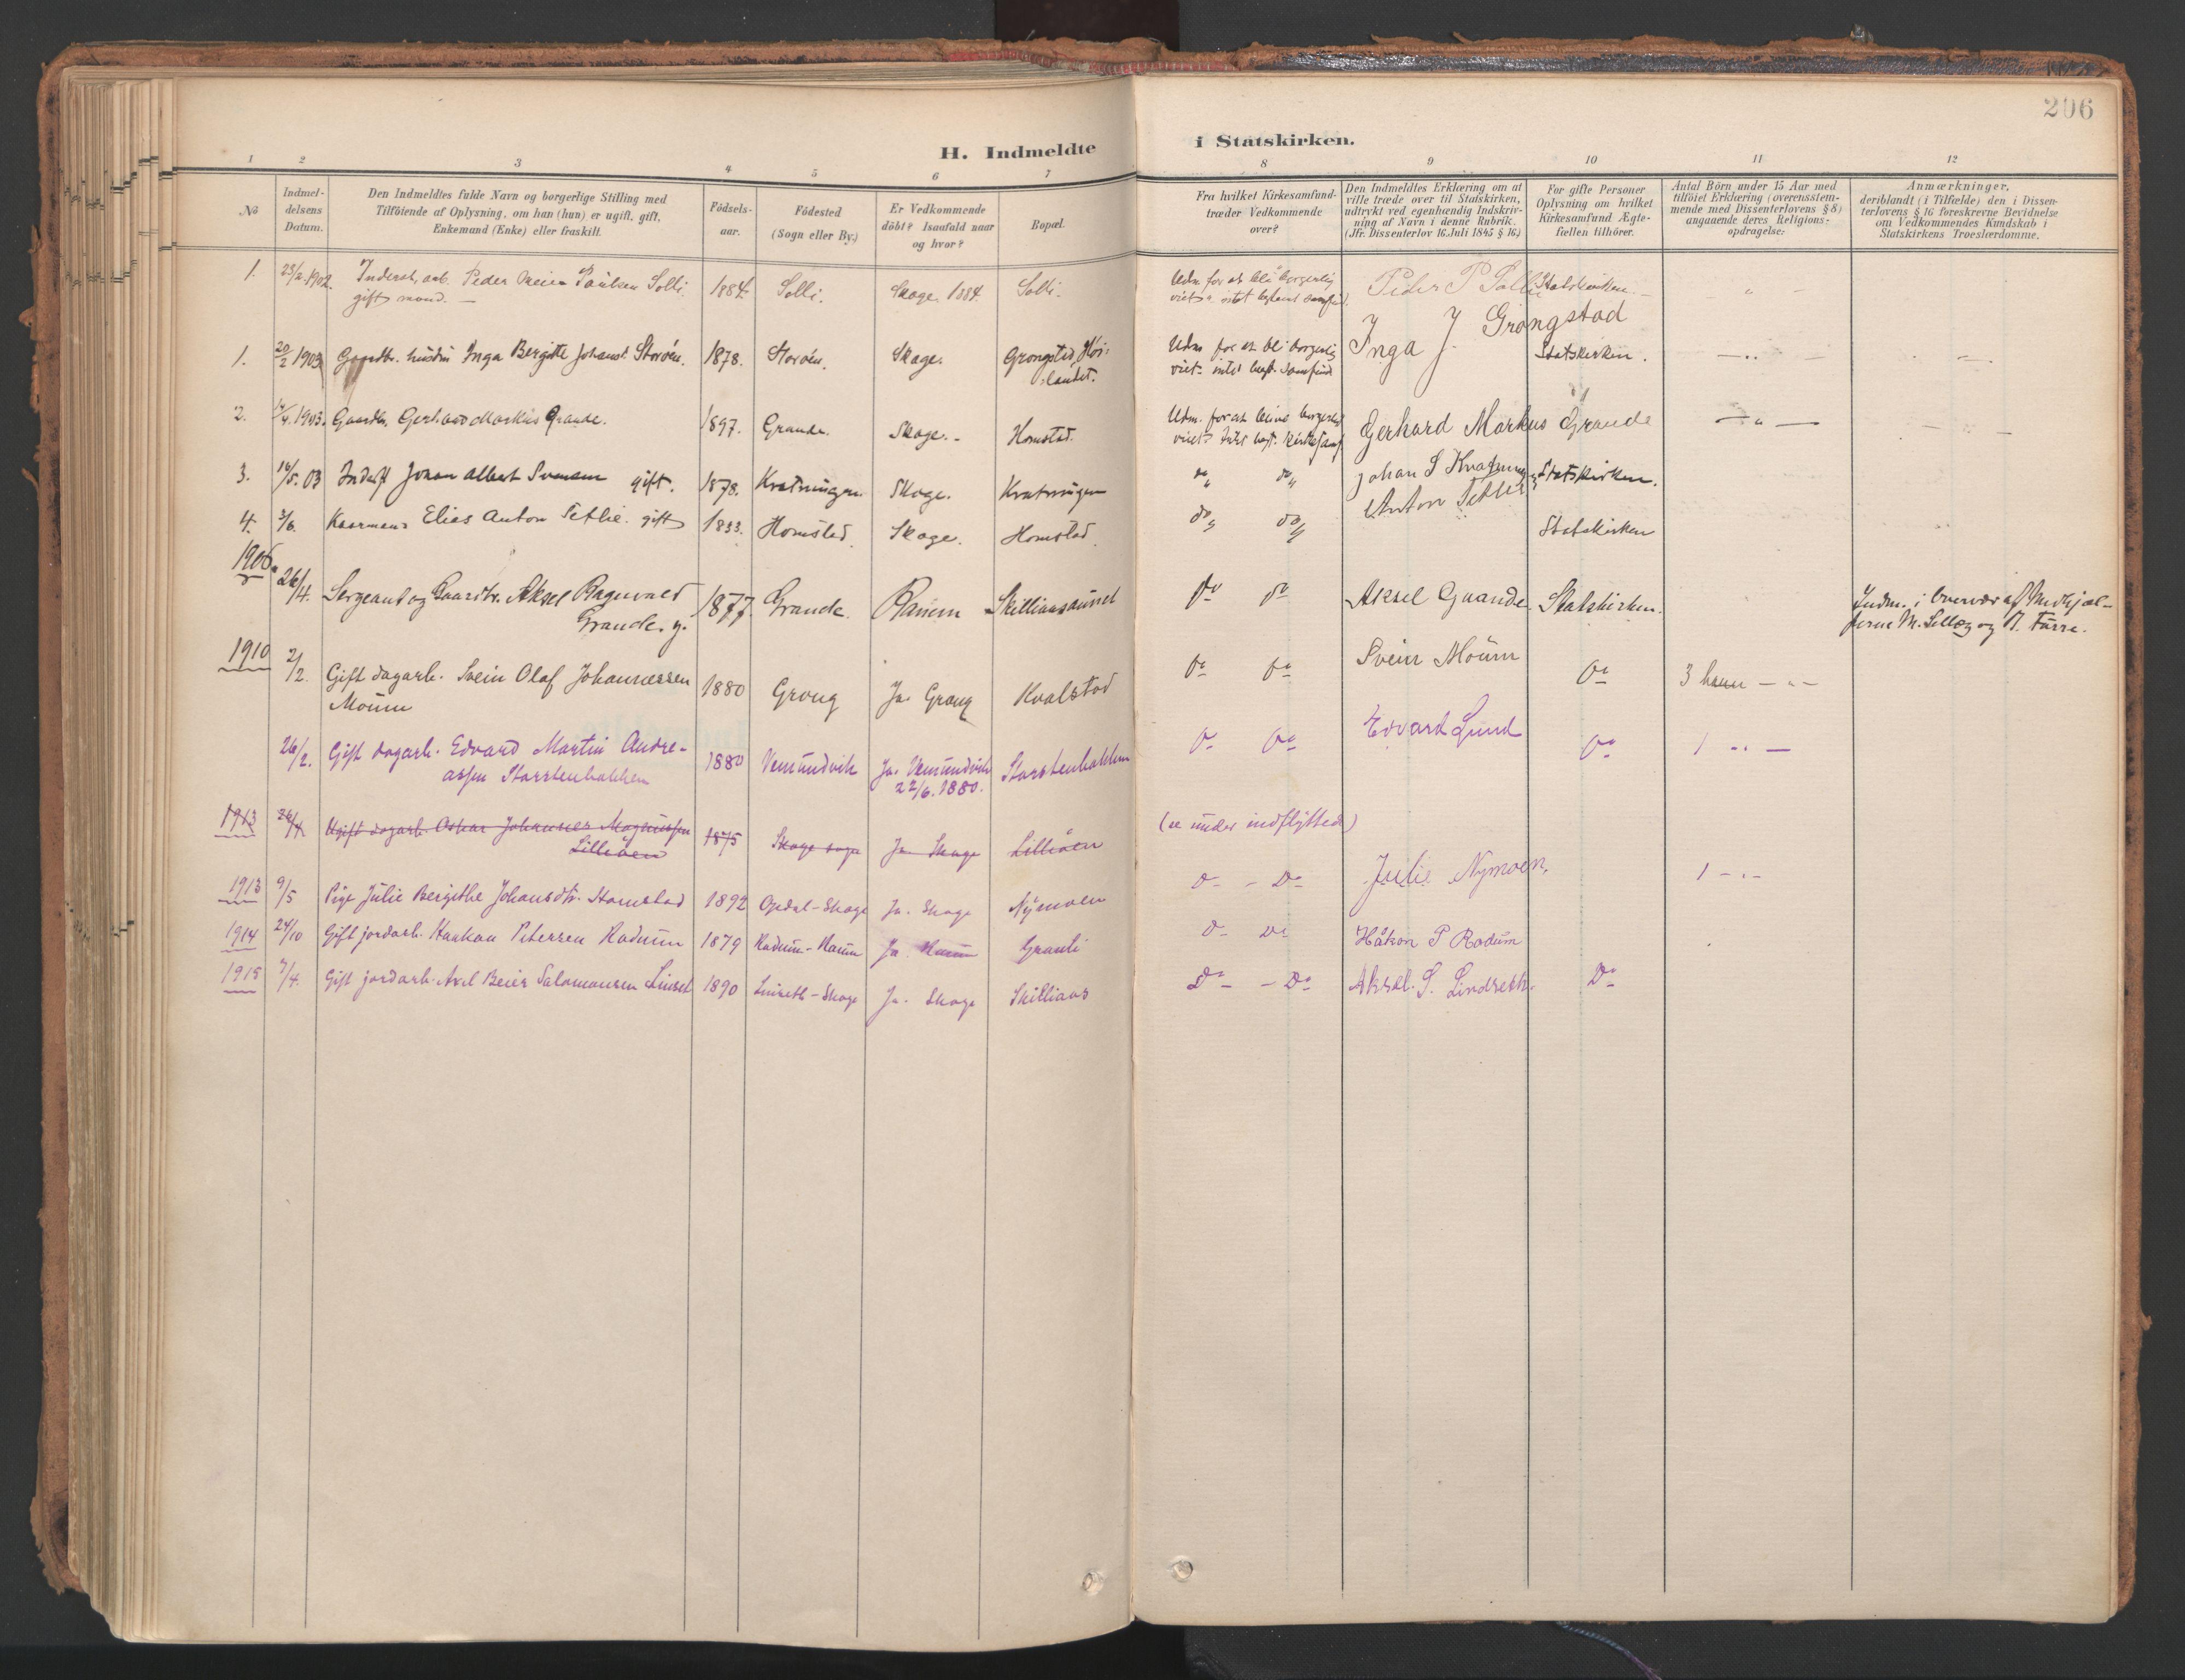 SAT, Ministerialprotokoller, klokkerbøker og fødselsregistre - Nord-Trøndelag, 766/L0564: Ministerialbok nr. 767A02, 1900-1932, s. 206